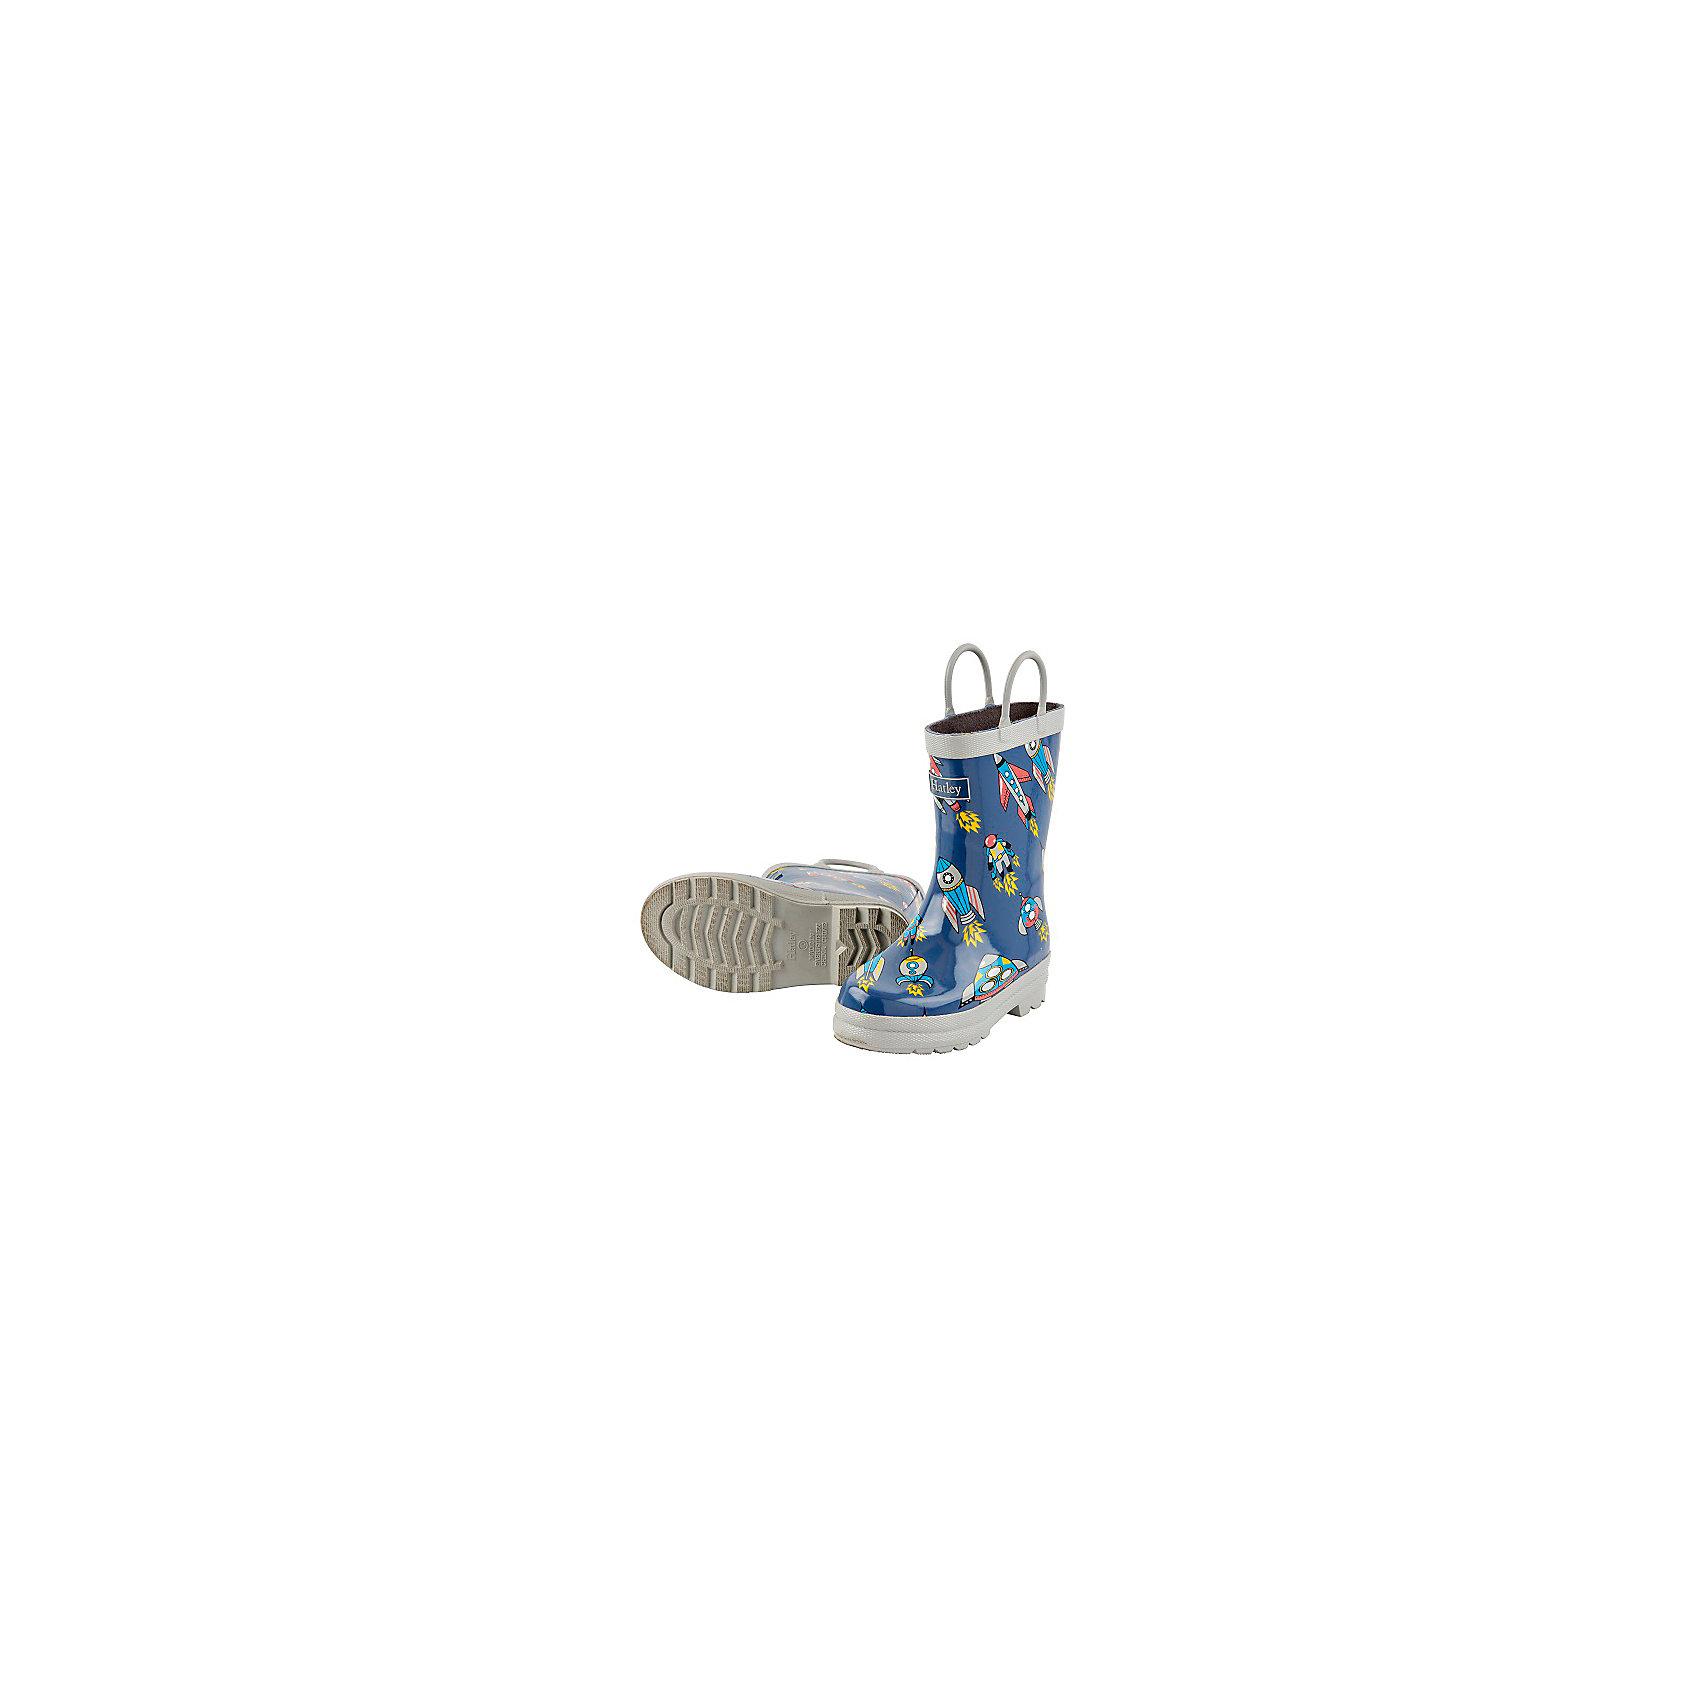 Резиновые сапоги для мальчика HatleyРезиновые сапоги<br>Сапоги для мальчика Hatley<br><br>Характеристики:<br><br>• Состав: верх - каучук синтетический 100%, подкладка - 100% хлопок<br>• Цвет: синий, серый<br><br>Яркие, стильные и модные резиновые сапоги для мальчика сделаны из высококачественных материалов. Резина сока каучуковых деревьев не даст ножкам промокнуть, а хлопковая подкладка защитит от холода. Внутри есть стелька с аркой, которая способствует правильному формированию стопы. По бокам есть удобные ручки. <br><br>Сапоги для мальчика Hatley можно купить в нашем интернет-магазине.<br><br>Ширина мм: 237<br>Глубина мм: 180<br>Высота мм: 152<br>Вес г: 438<br>Цвет: синий<br>Возраст от месяцев: 15<br>Возраст до месяцев: 18<br>Пол: Мужской<br>Возраст: Детский<br>Размер: 22,32,24<br>SKU: 5020902